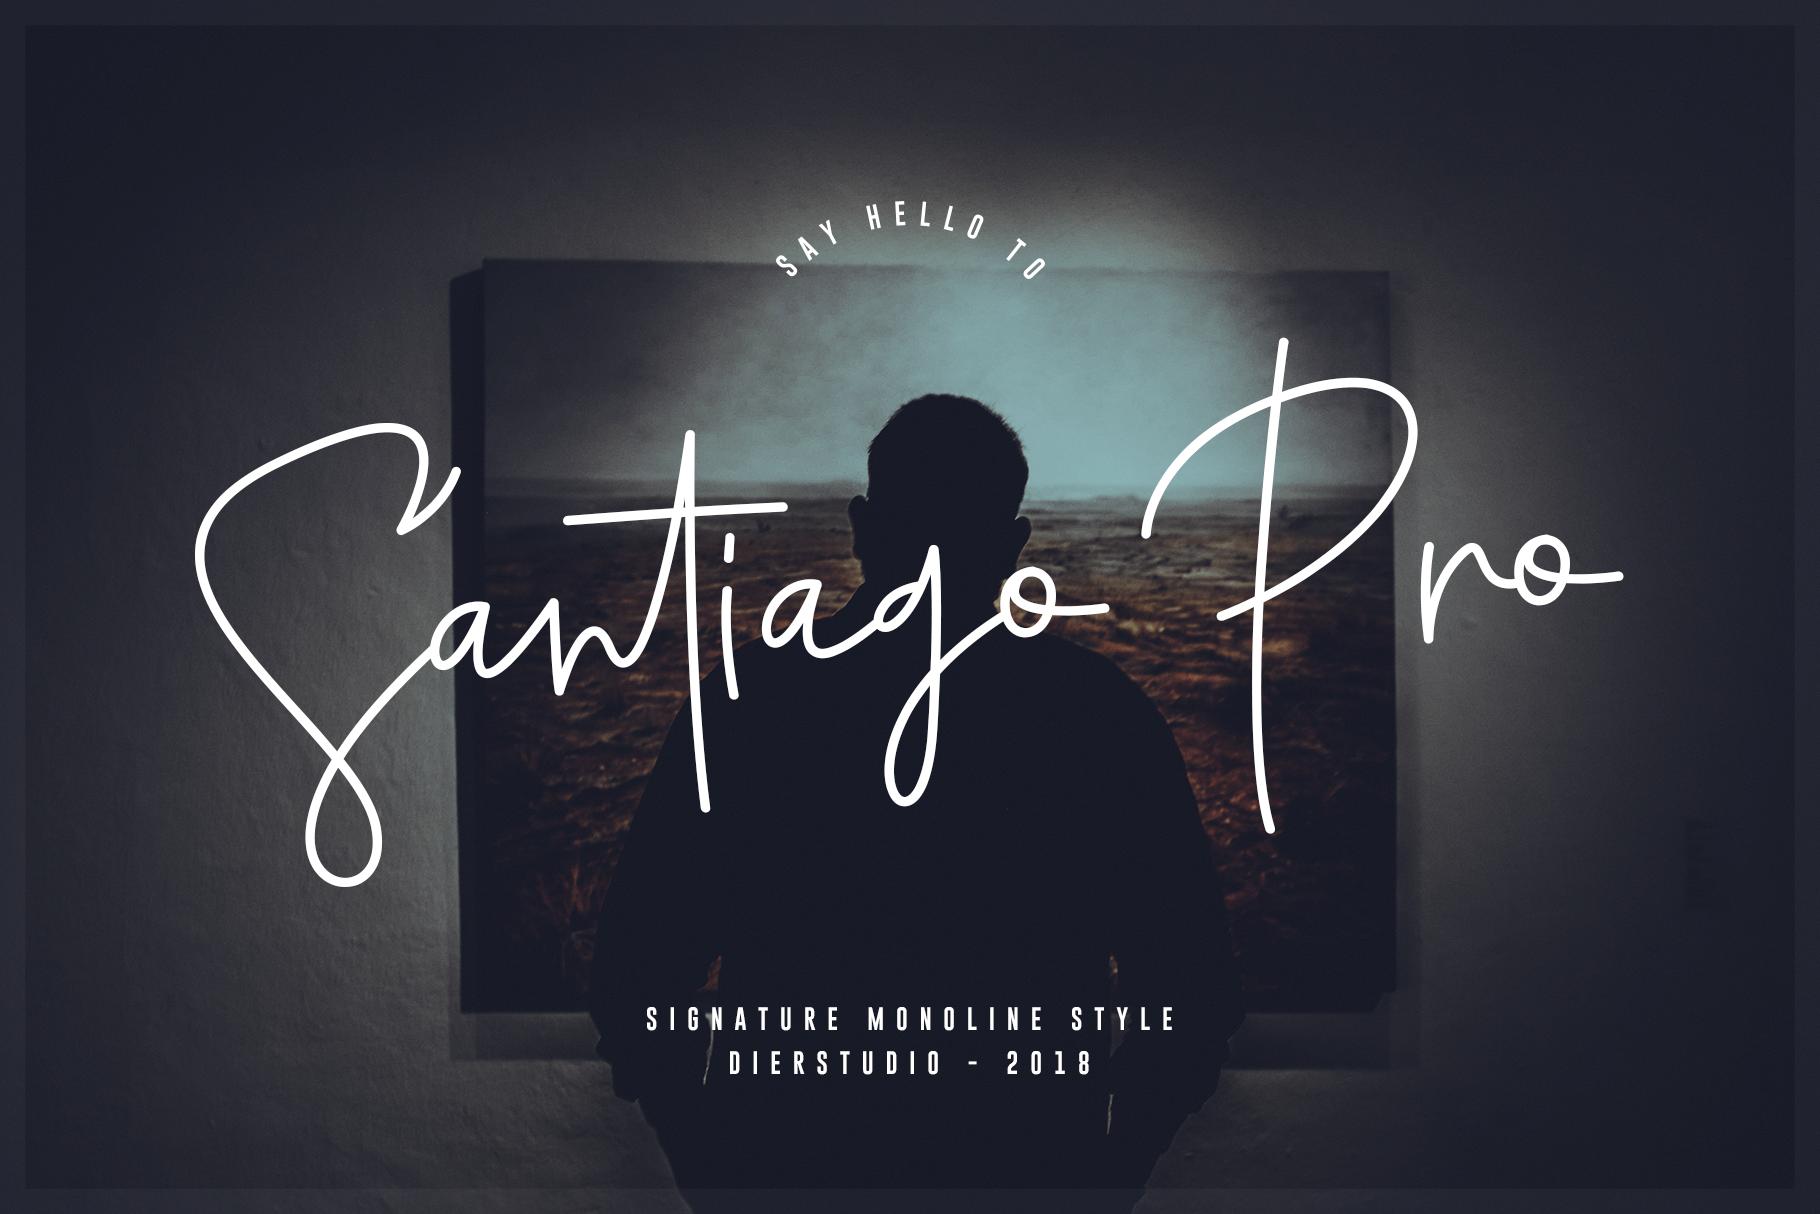 Santiago Pro - Signature Monoline / FREE 10 LOGO example image 1